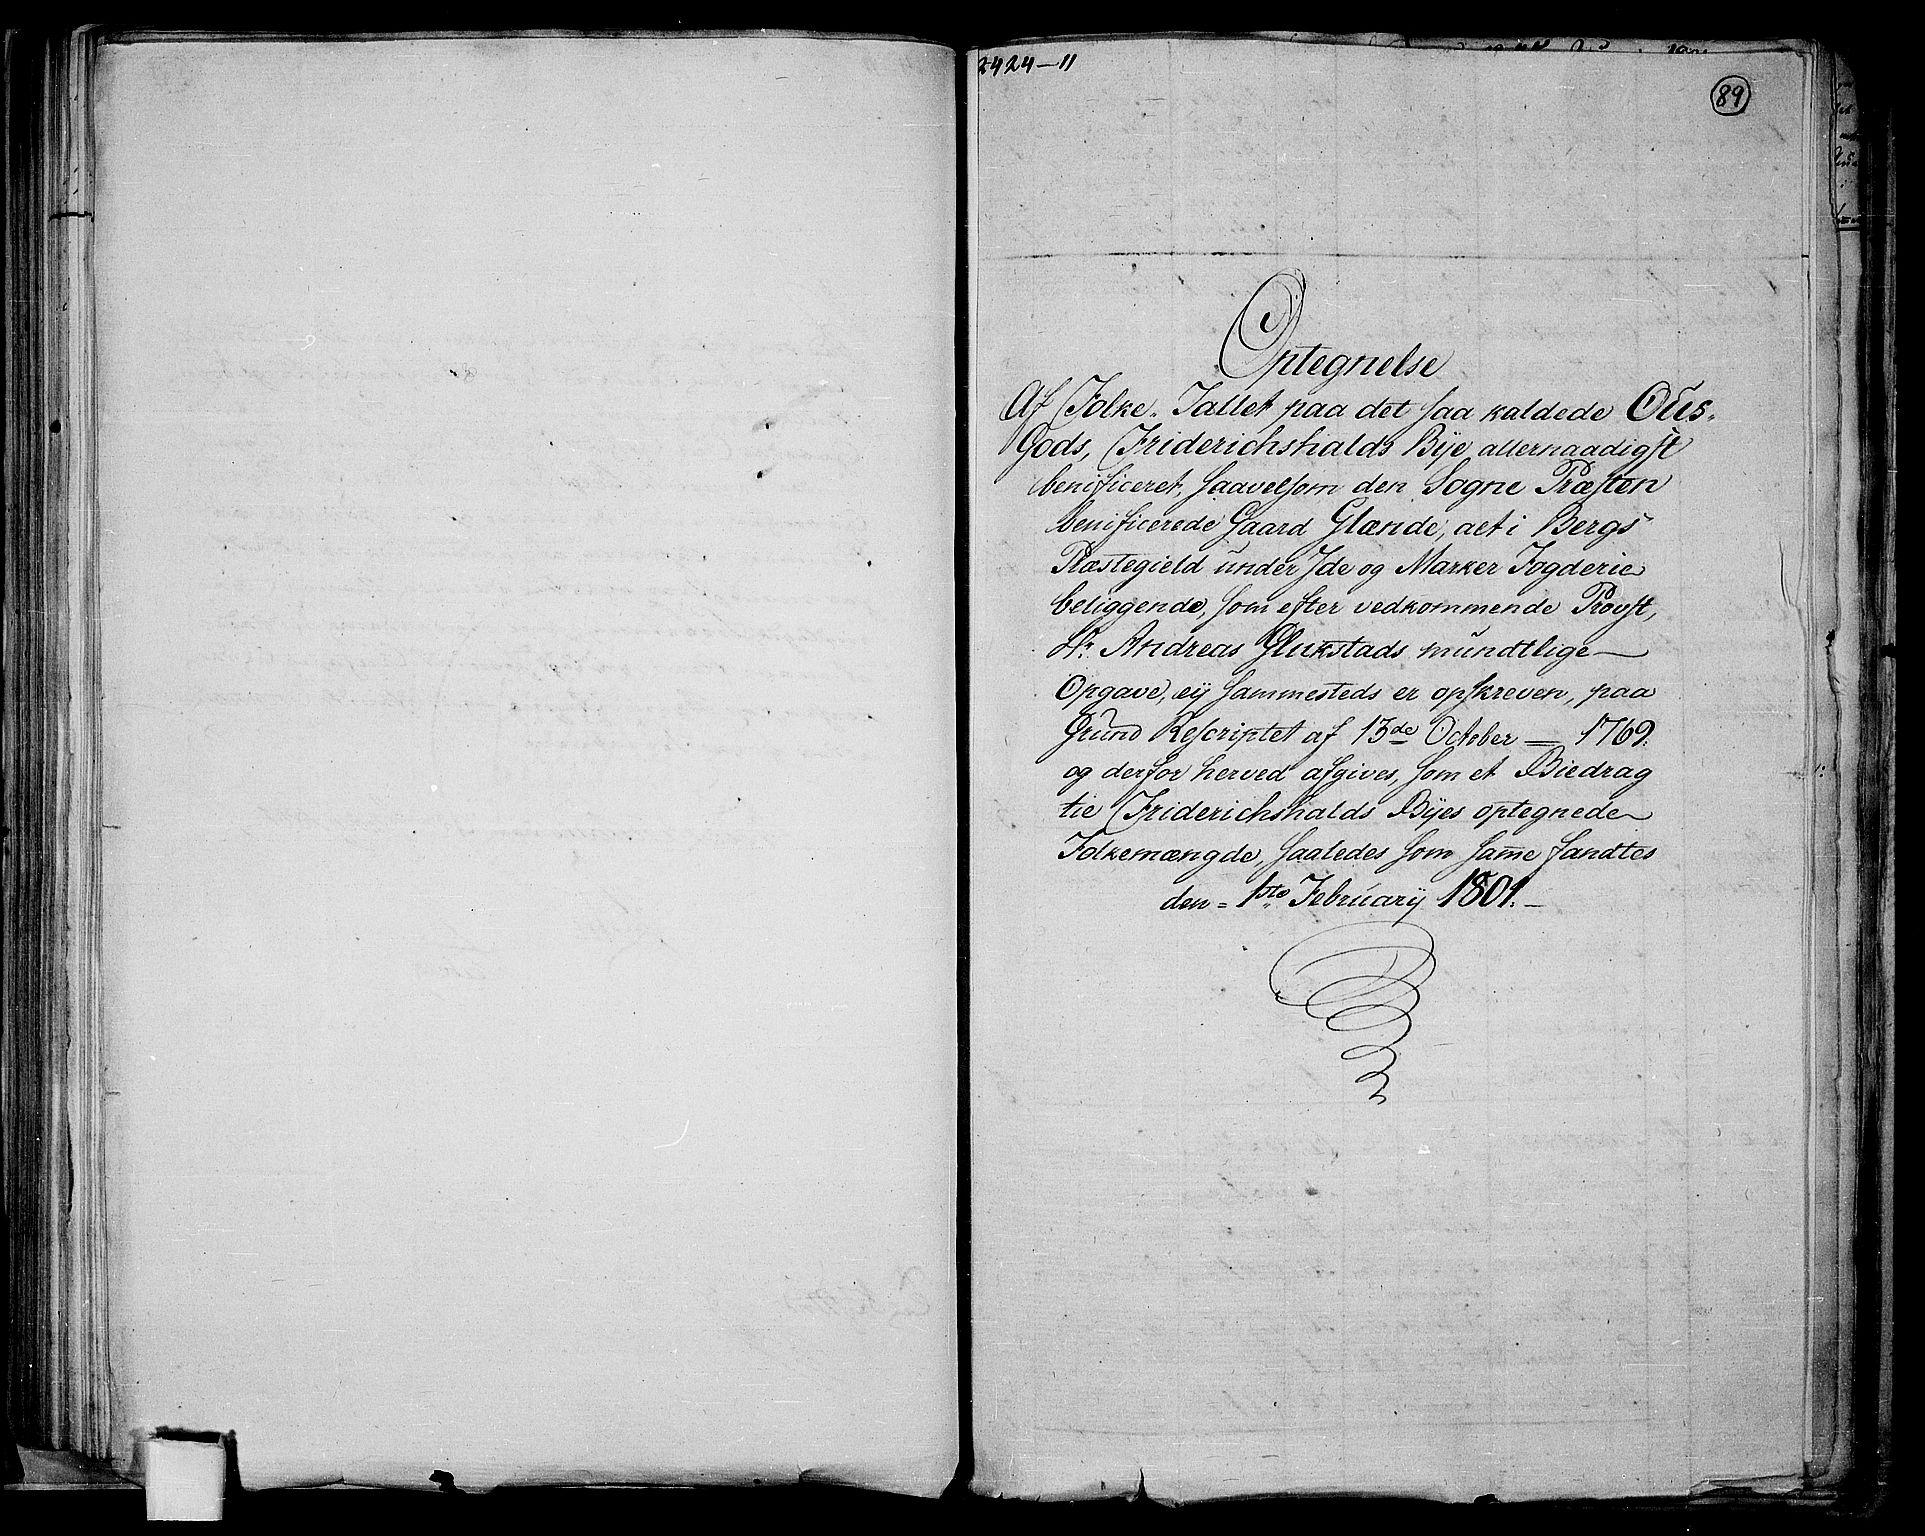 RA, Folketelling 1801 for 0101P Fredrikshald prestegjeld, 1801, s. 88b-89a